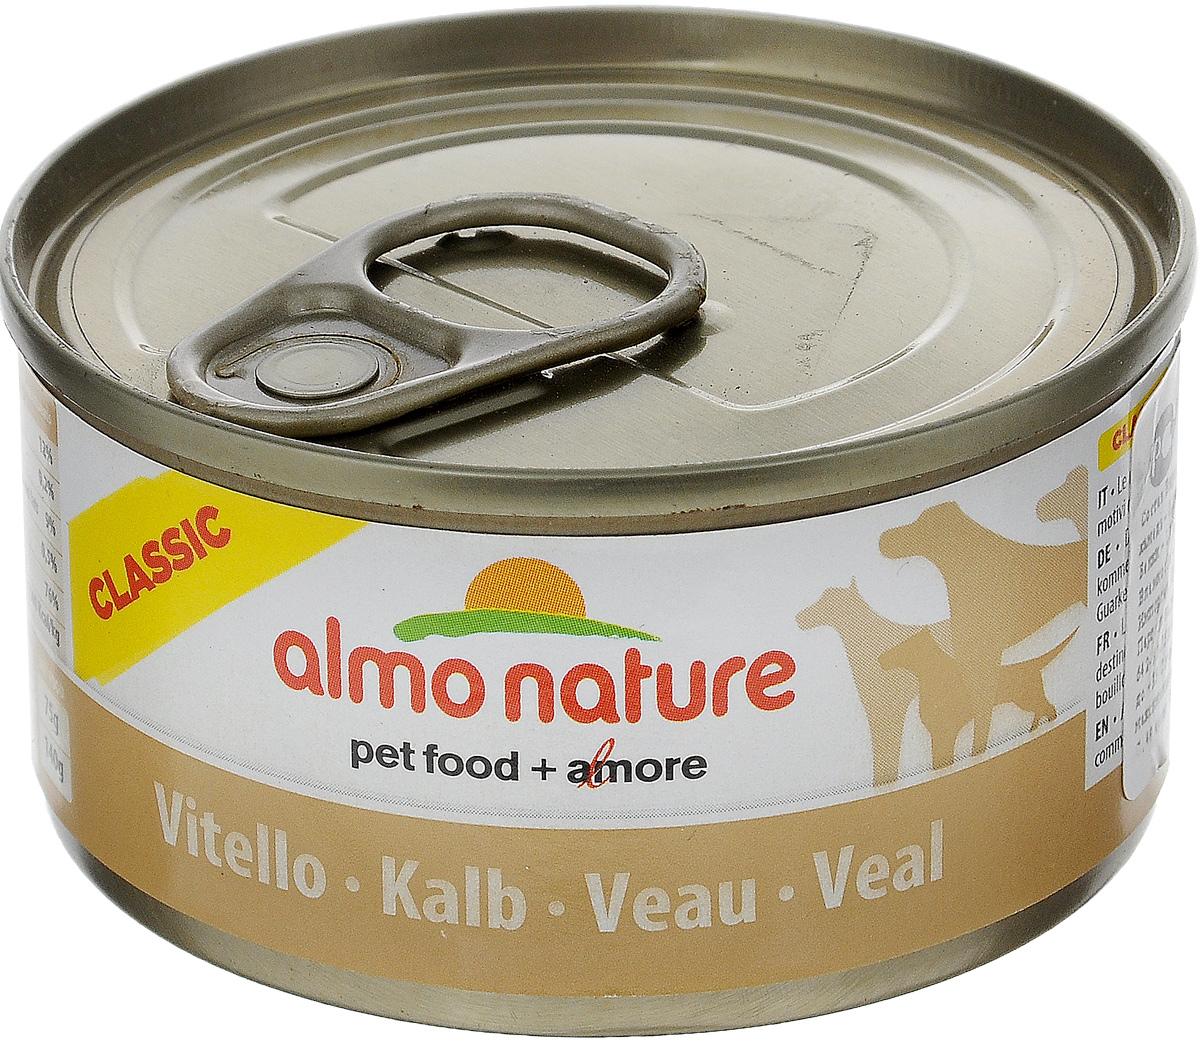 Консервы для собак Almo Nature, с телятиной, 95 г10189Консервы для собак Almo Nature состоят из высококачественных натуральных ингредиентов, которые пригодны для потребления человеком. Полнорационное питание для взрослых собак. Состав: вырезка телятины 50%, рис 3%, гуаровая камедь 0,2%, телячий бульон. Гарантированный анализ: неочищенный белок 12%, сырая клетчатка 0,2%, неочищенные жиры 9%, сырая зола 0,5%, влажность 76%.Калорийность: 1500 ккал/кг. Товар сертифицирован.